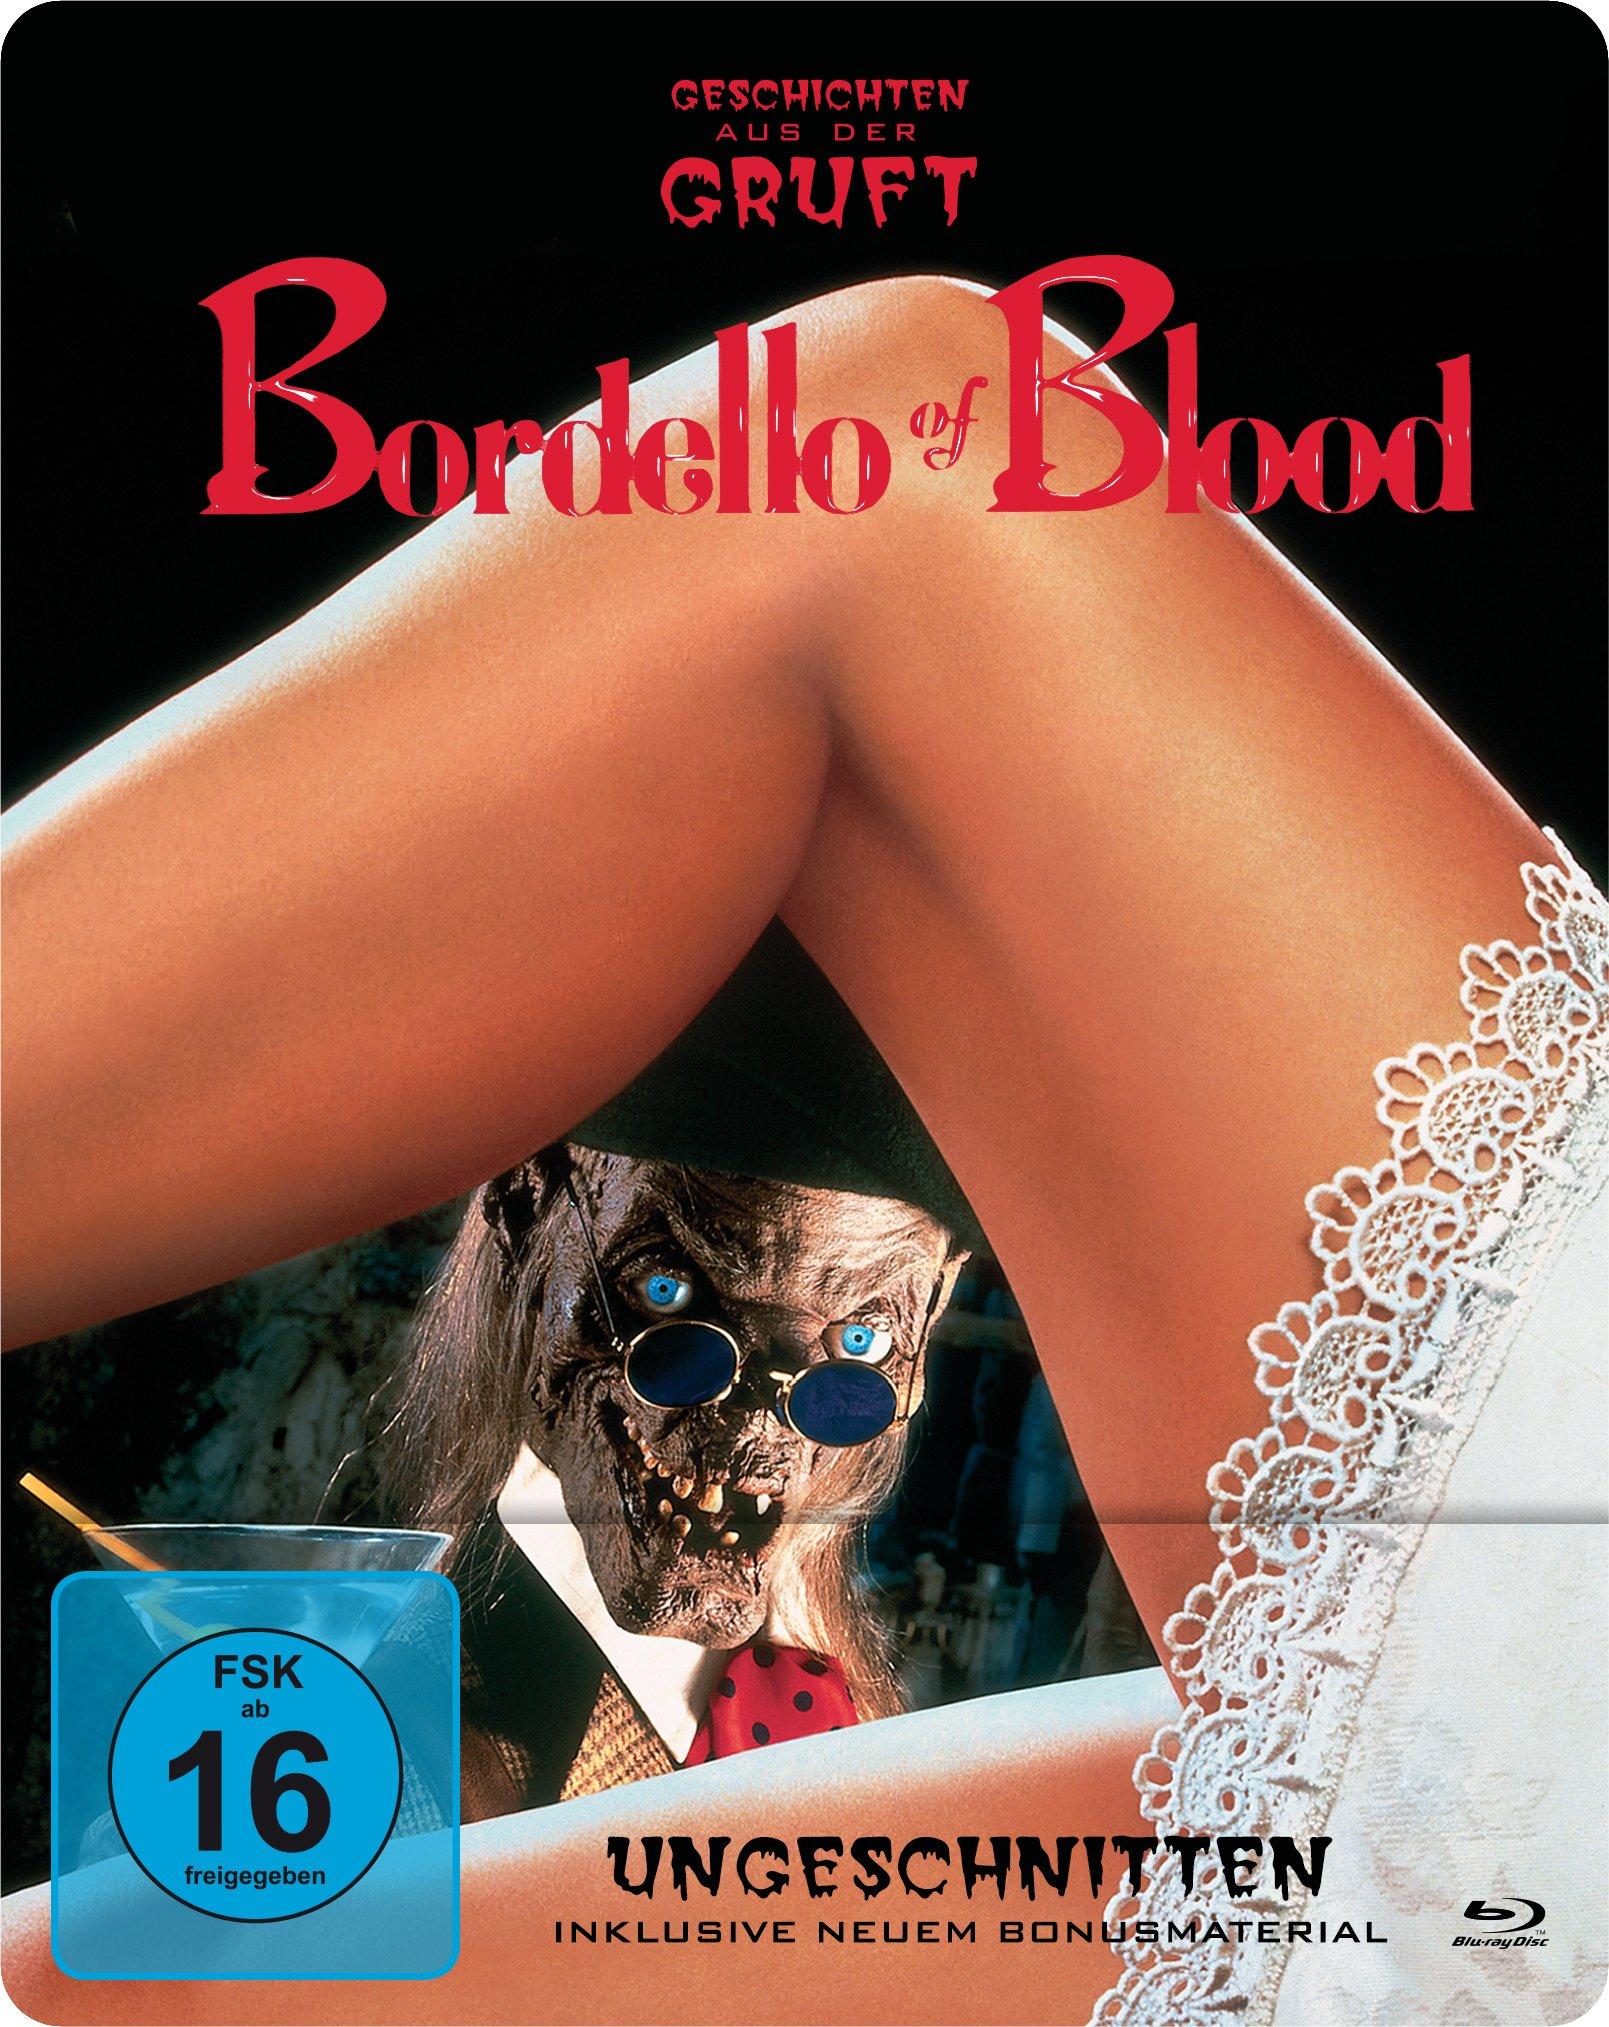 Bordello of Blood - Geschichten aus der Gruft präsentiert - Ungeschnitten/Steelbook [Edizione: Germa